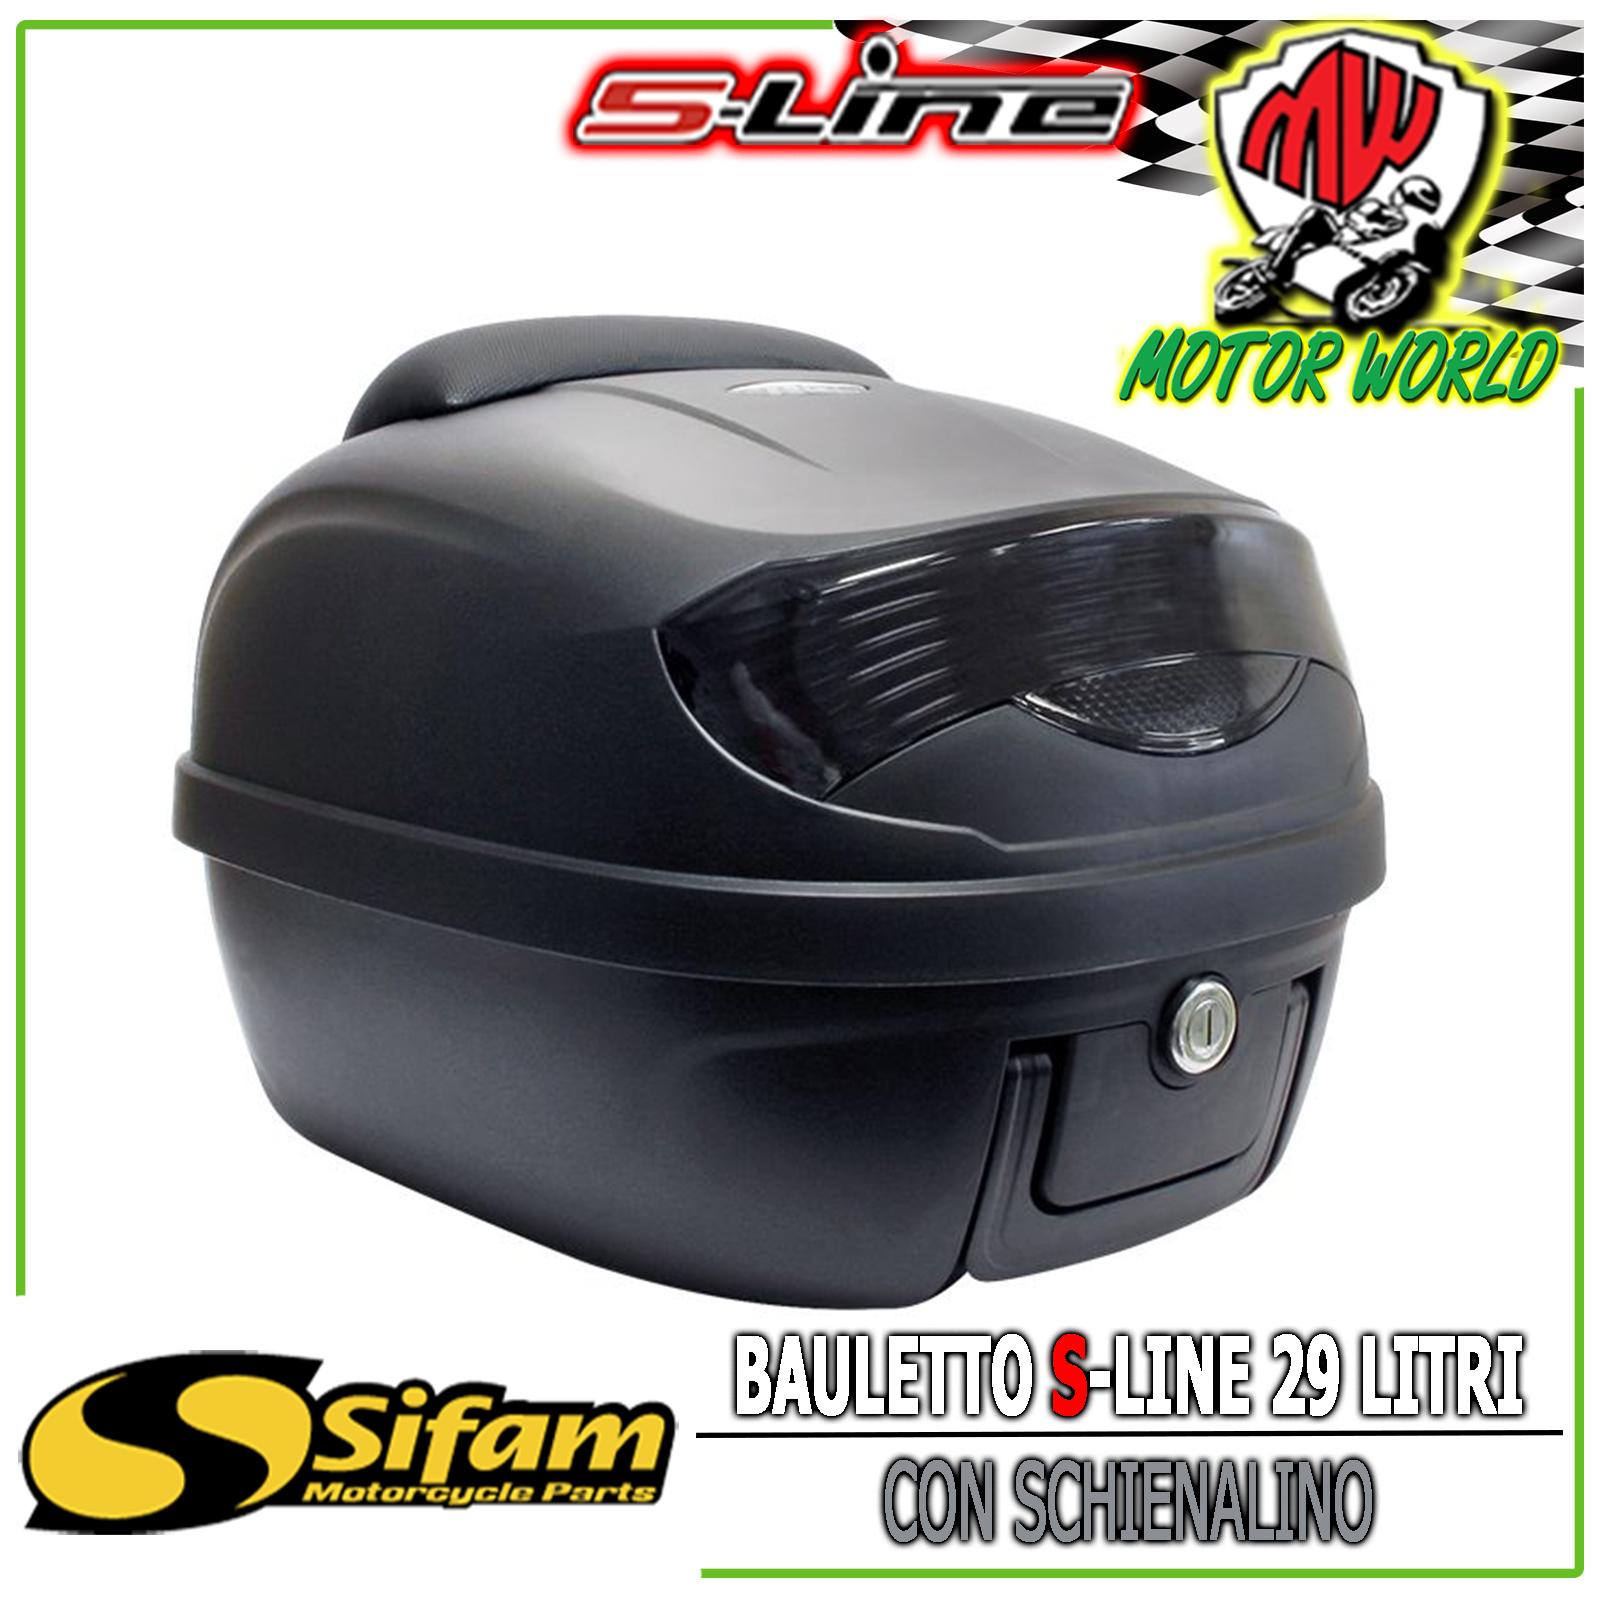 Bauletto Baule Moto Scooter 29 Litri Argento con schinale piastra